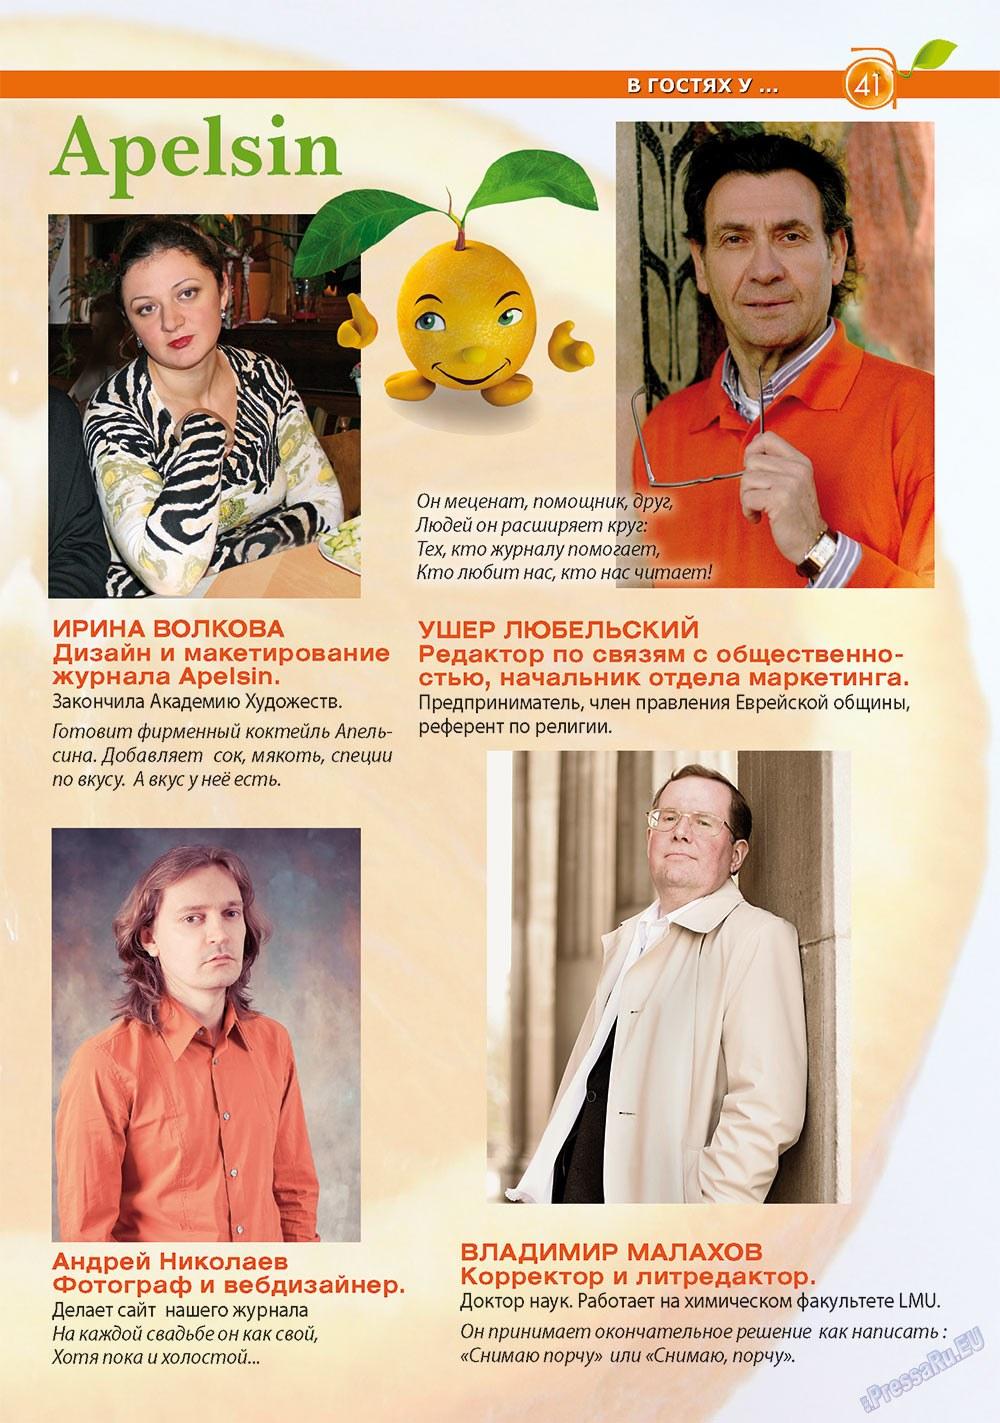 Апельсин (журнал). 2012 год, номер 34, стр. 41